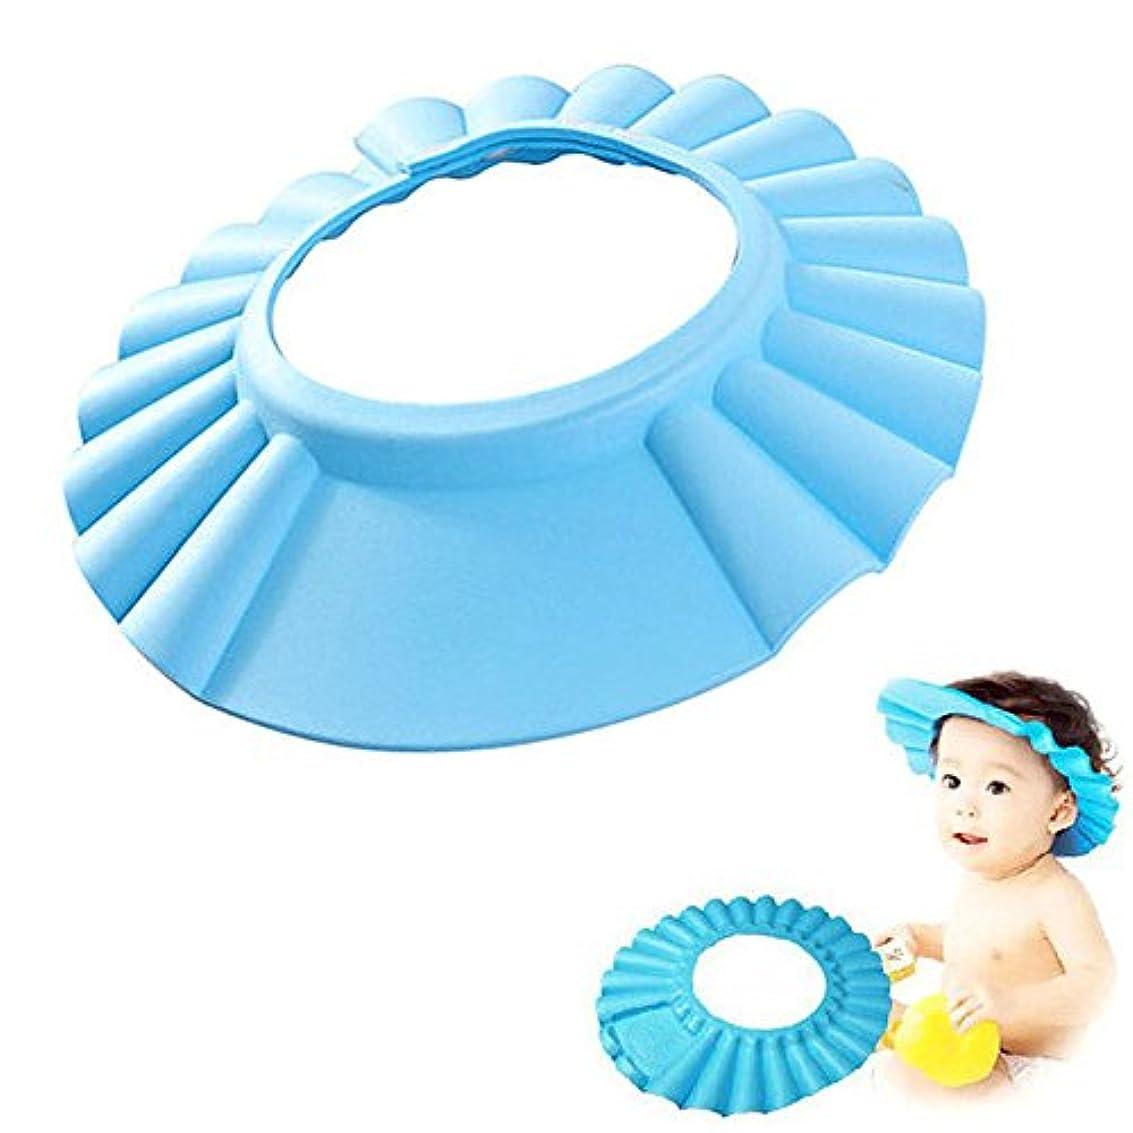 海軍シャトルブランデーシャンプーハット 子供 洗髪用帽子 お風呂 防水帽 水漏れない樹脂 サイズ調節 (ブルー)